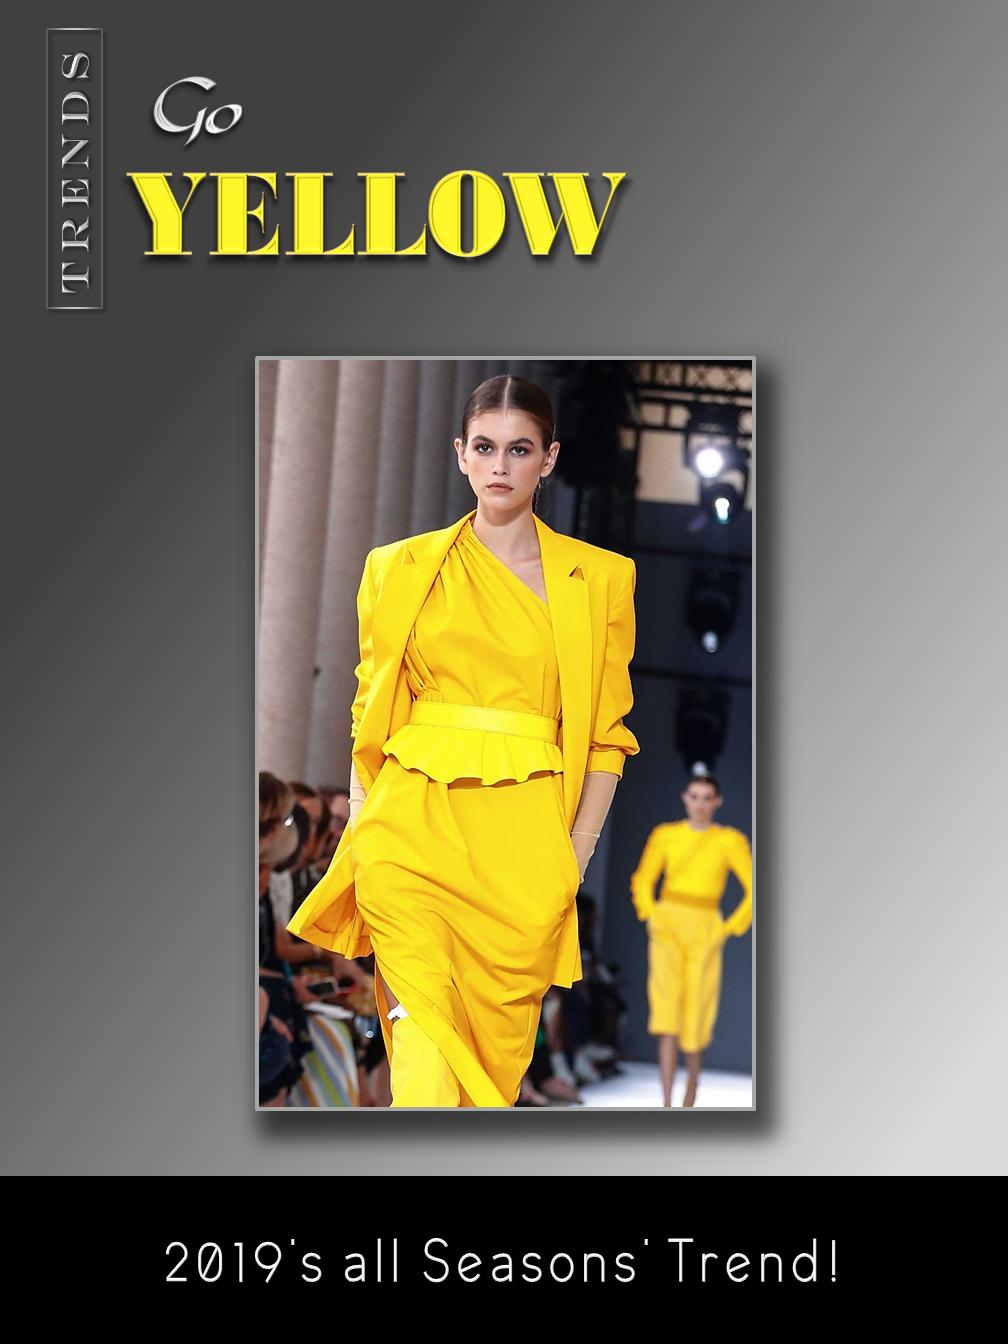 Go Yellow!